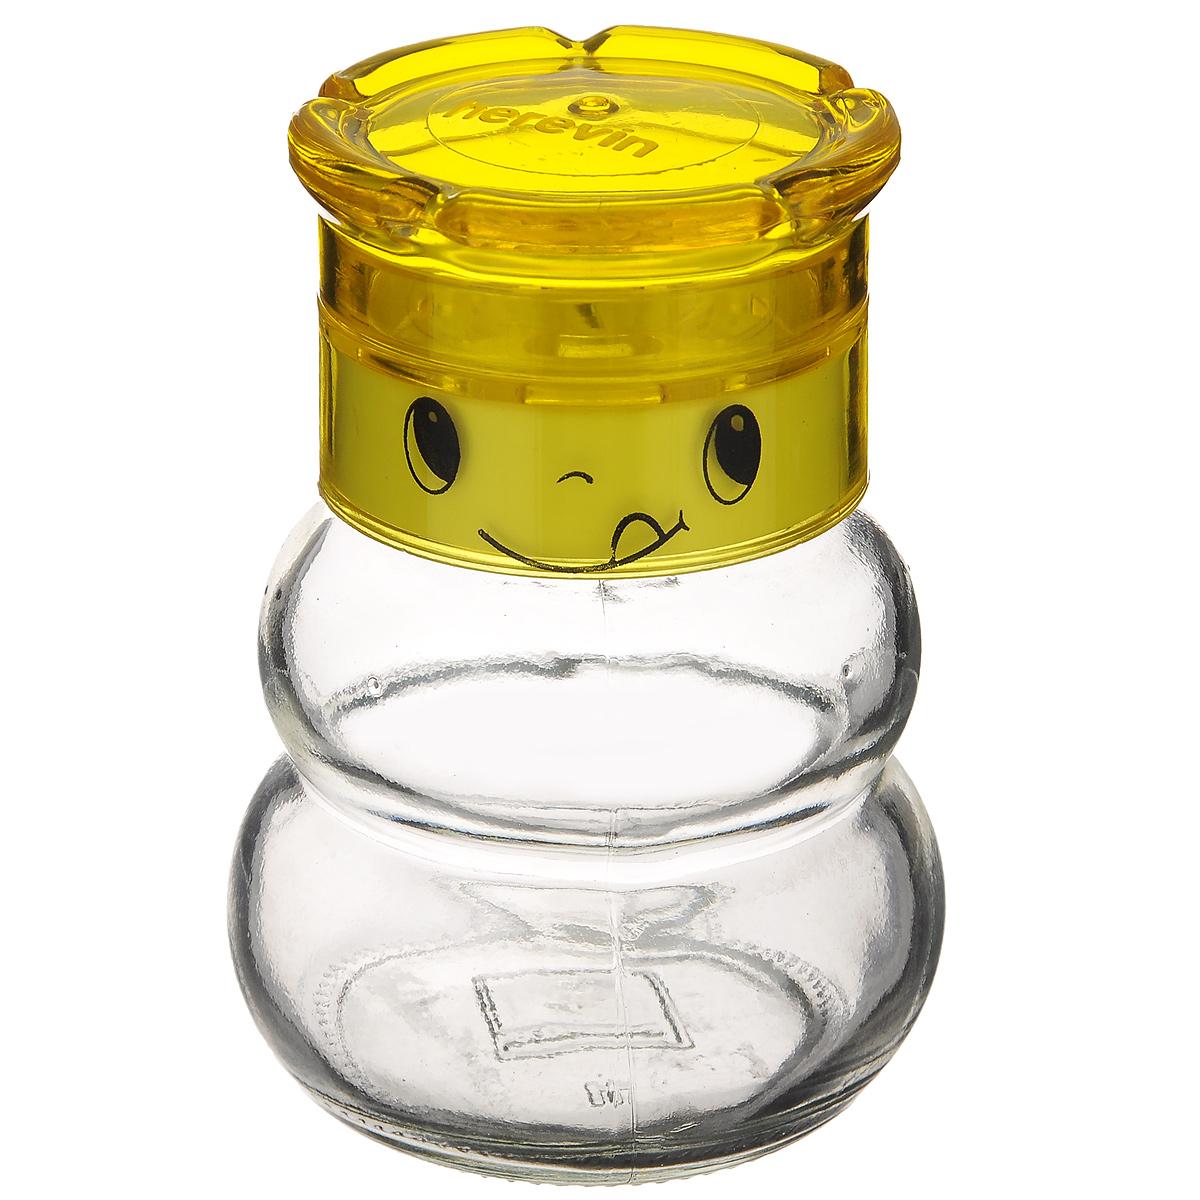 Мельница для специй Herevin, цвет: желтый, 200 мл131650-000_желтыйМельница Herevin, изготовленная из стекла и пластика, легка в использовании. Стоит только покрутить верхнюю часть мельницы, и вы с легкостью сможете приправить по своему вкусу любое блюдо. Крышка украшена изображением забавной мордочки. Механизм мельницы изготовлен из пластика. Оригинальная мельница модного дизайна будет отлично смотреться на вашей кухне. Высота: 10 см. Диаметр (по верхнему краю): 4 см. Диаметр основания: 6 см.